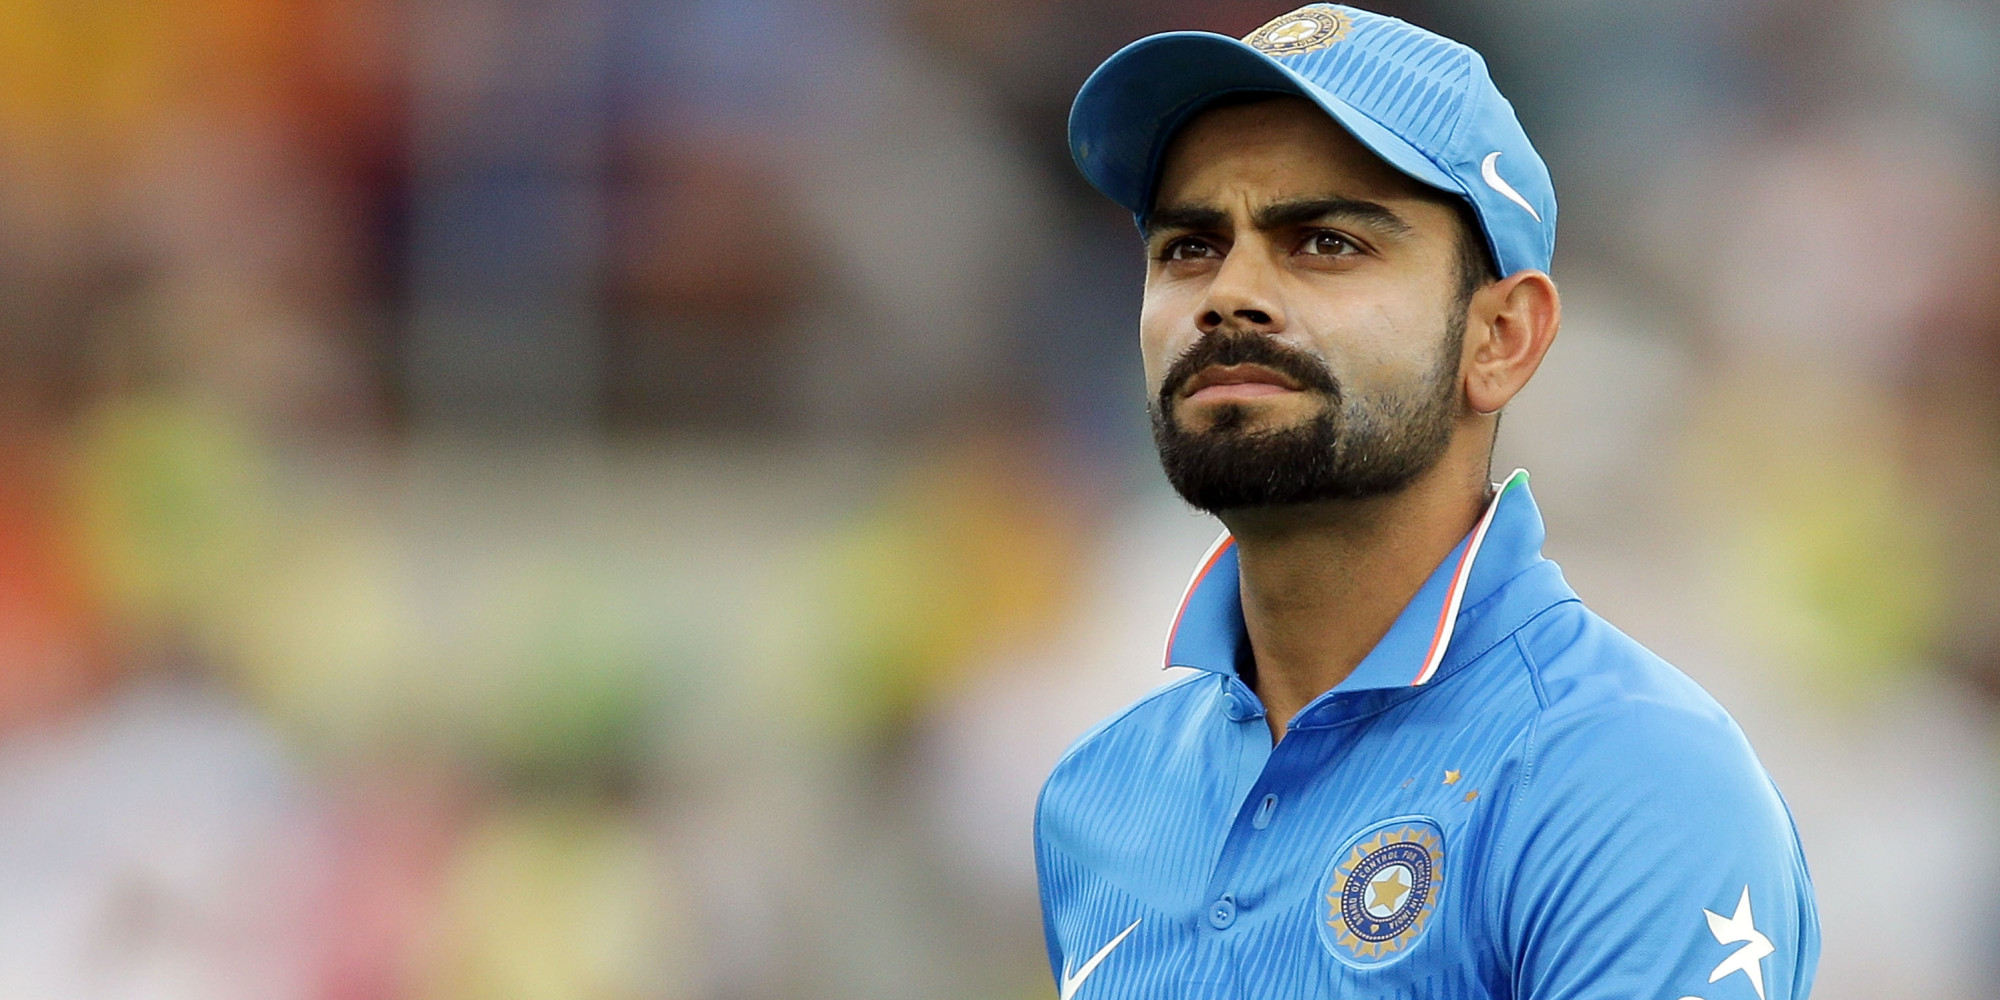 INDvsWI: विराट कोहली की इस खास समझदारी की वजह से भारतीय टीम ने वेस्टइंडीज को 224 रन से हराया 3